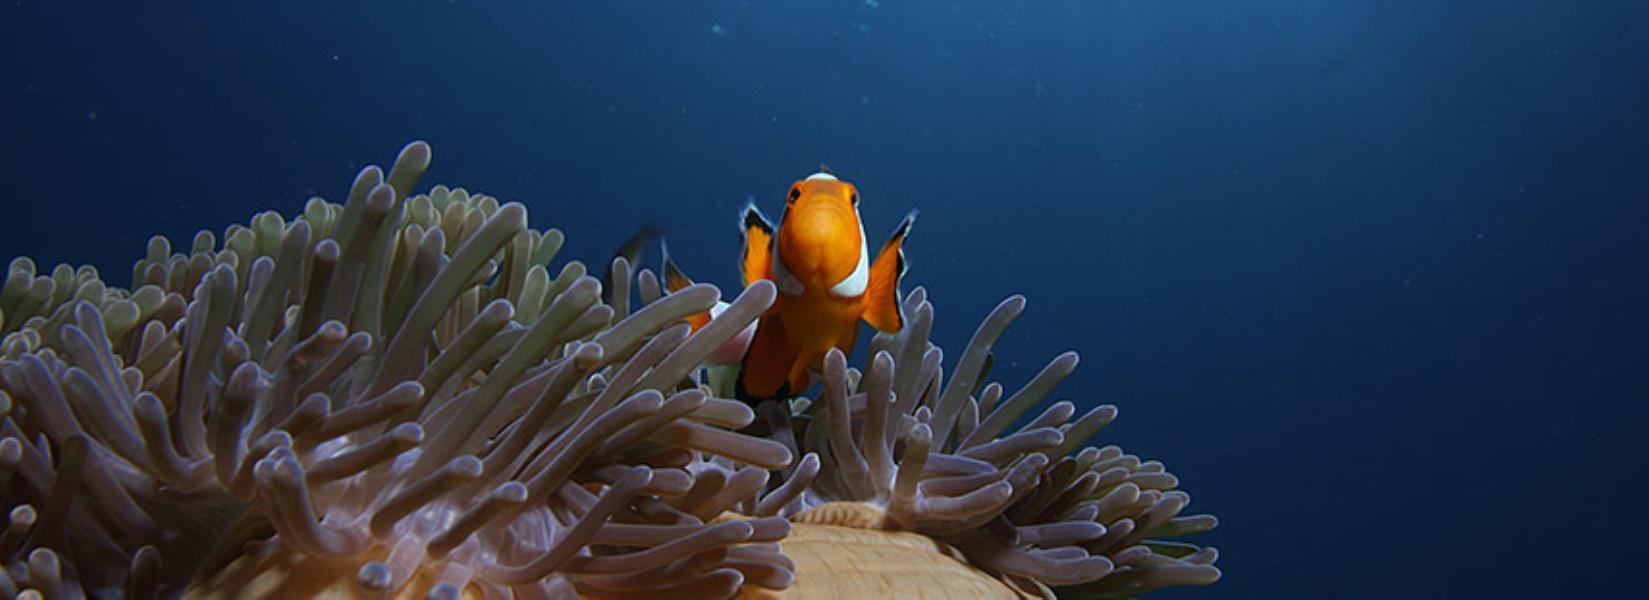 855fishinfo-clownfish